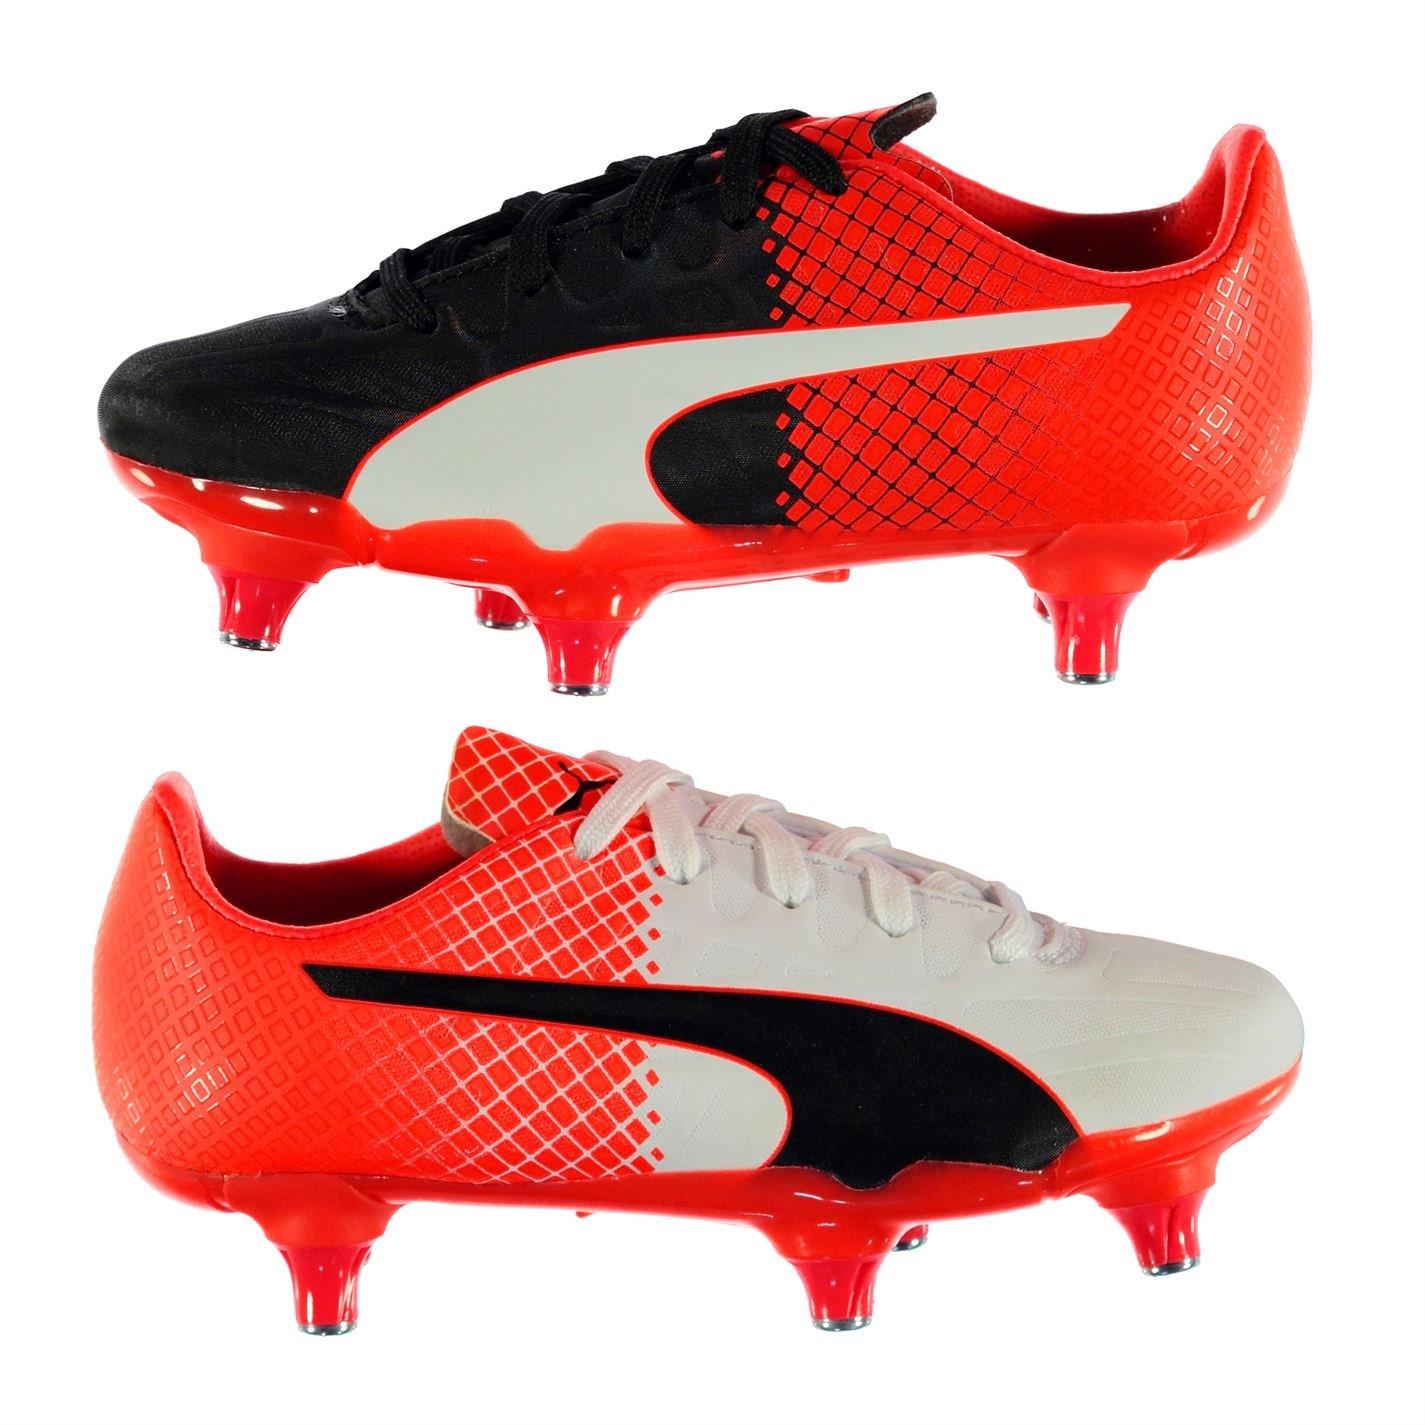 Puma Evospeed 4 SG Kinder Fussball Schuhe Stollen Stollenschuhe Sportschuhe